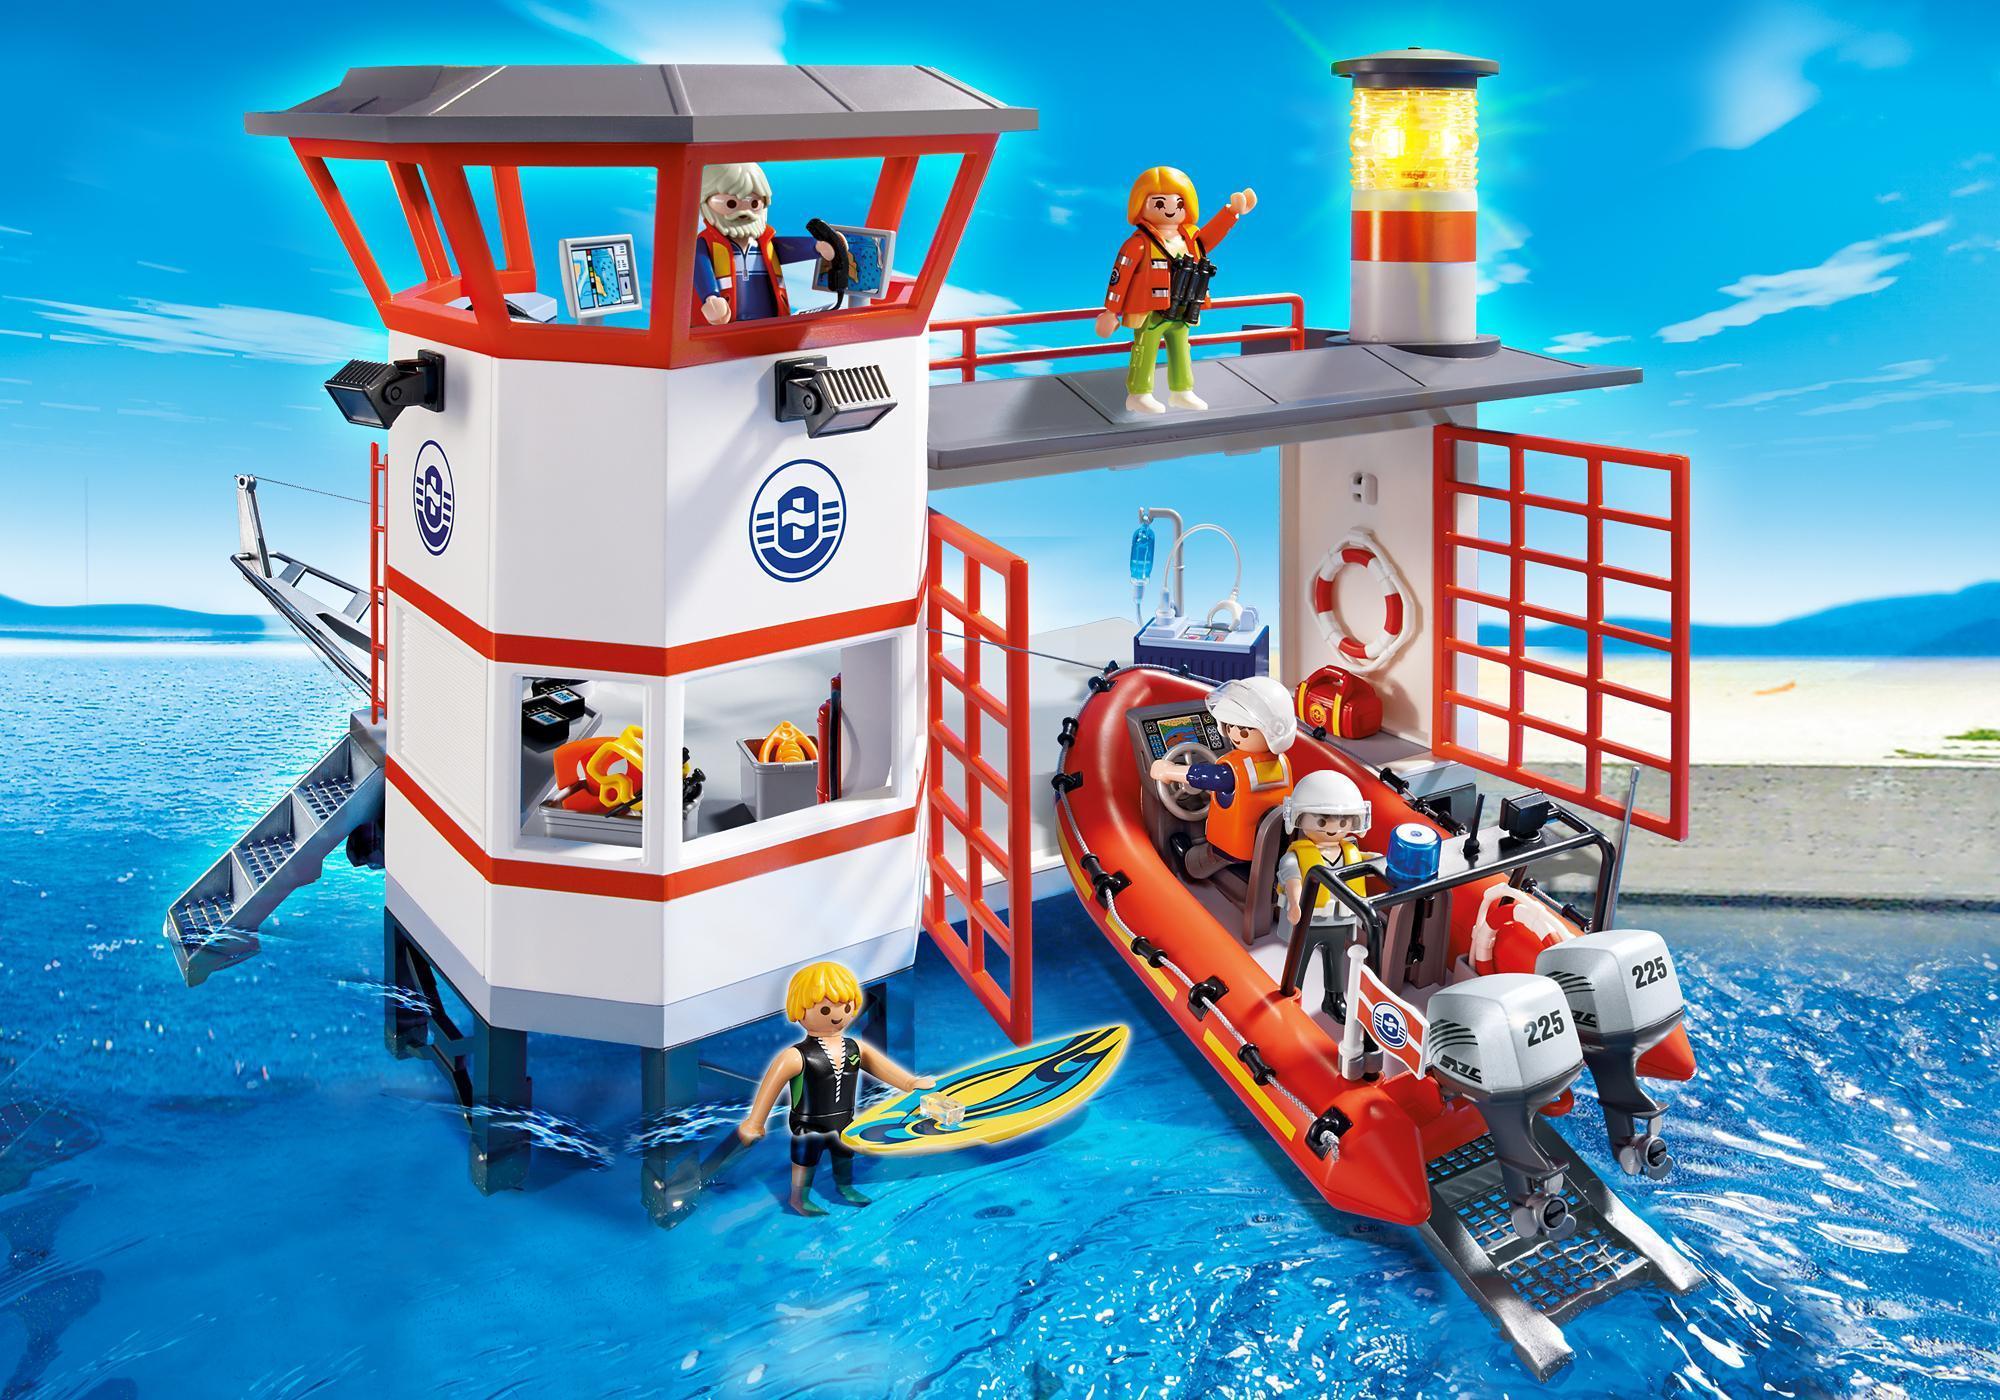 http://media.playmobil.com/i/playmobil/5539_product_detail/Posto da Guarda costeira com Farol